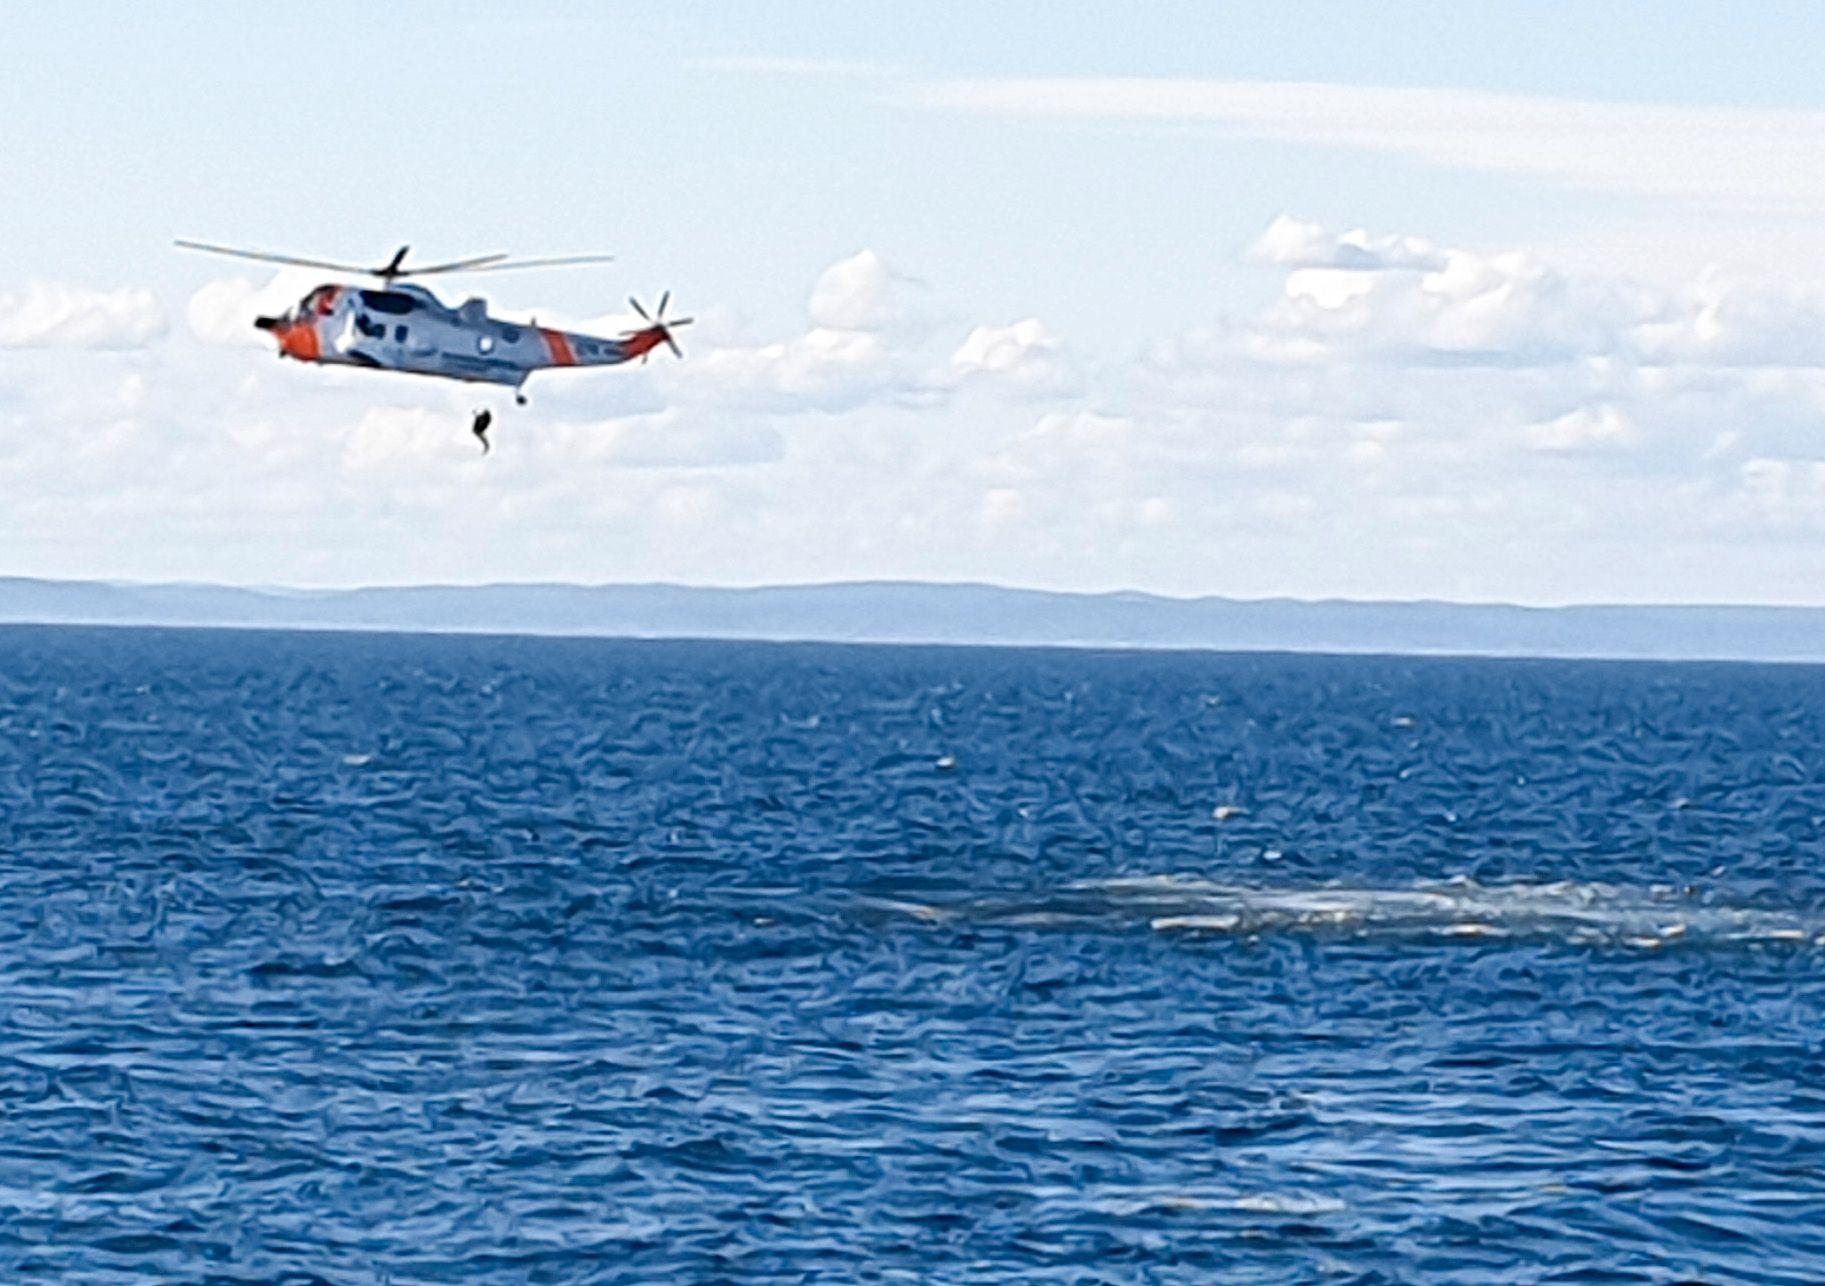 REDDET: Her heiser et Sea King-redningshelikopter opp en eller flere av personene som lå i Skagerak etter at småflyet de fløy styrtet lørdag ettermiddag.